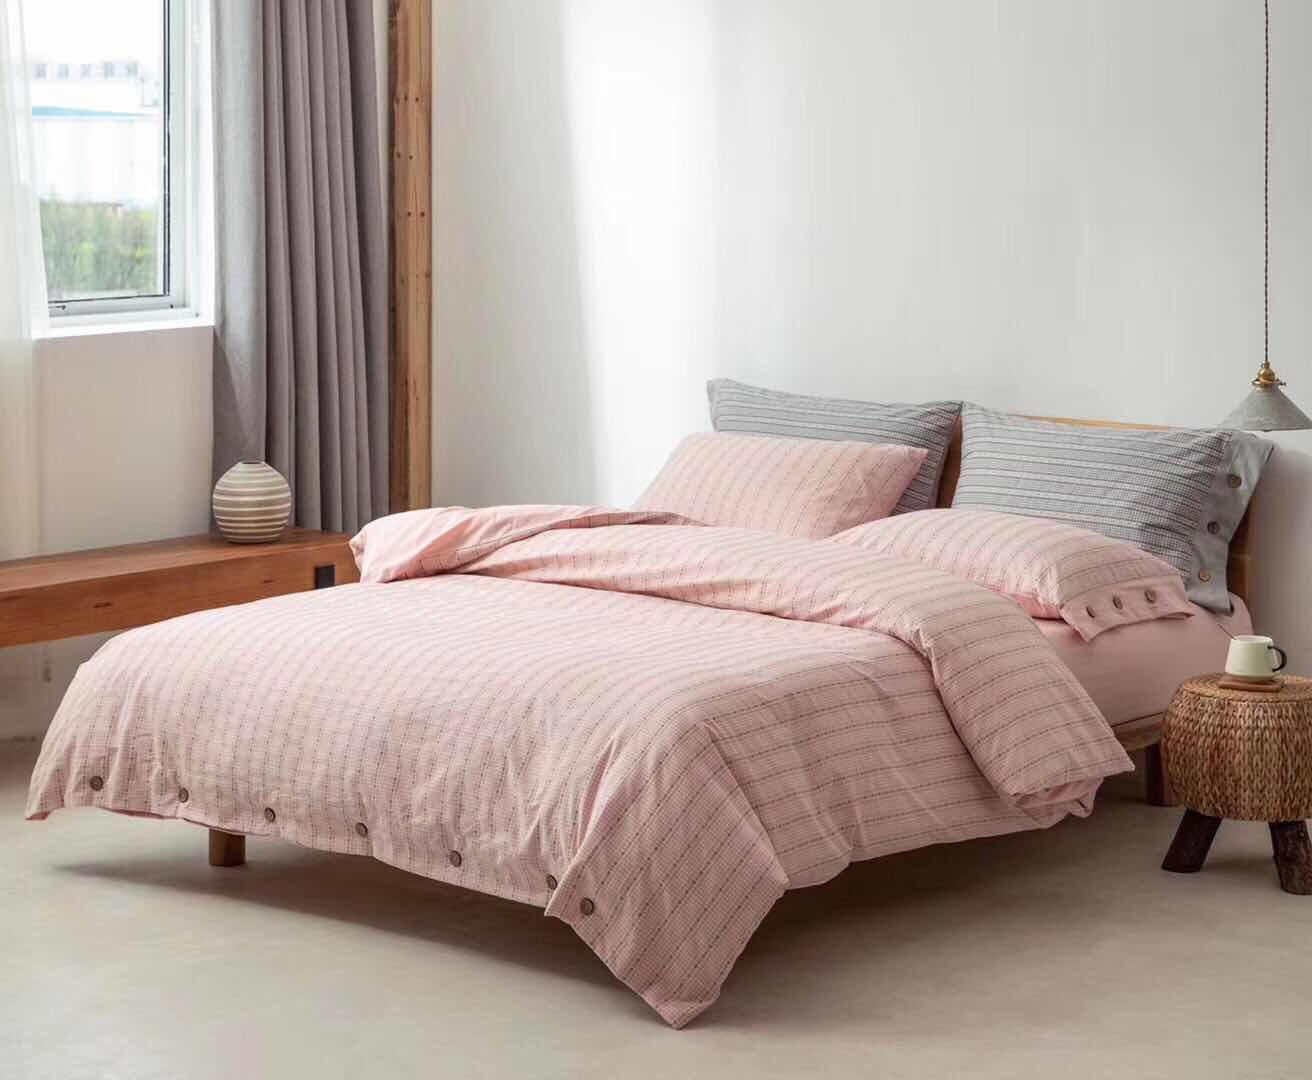 全棉色织四件套被套柔软全棉棉纱纯棉床品纱四件纱布提花枕套床单